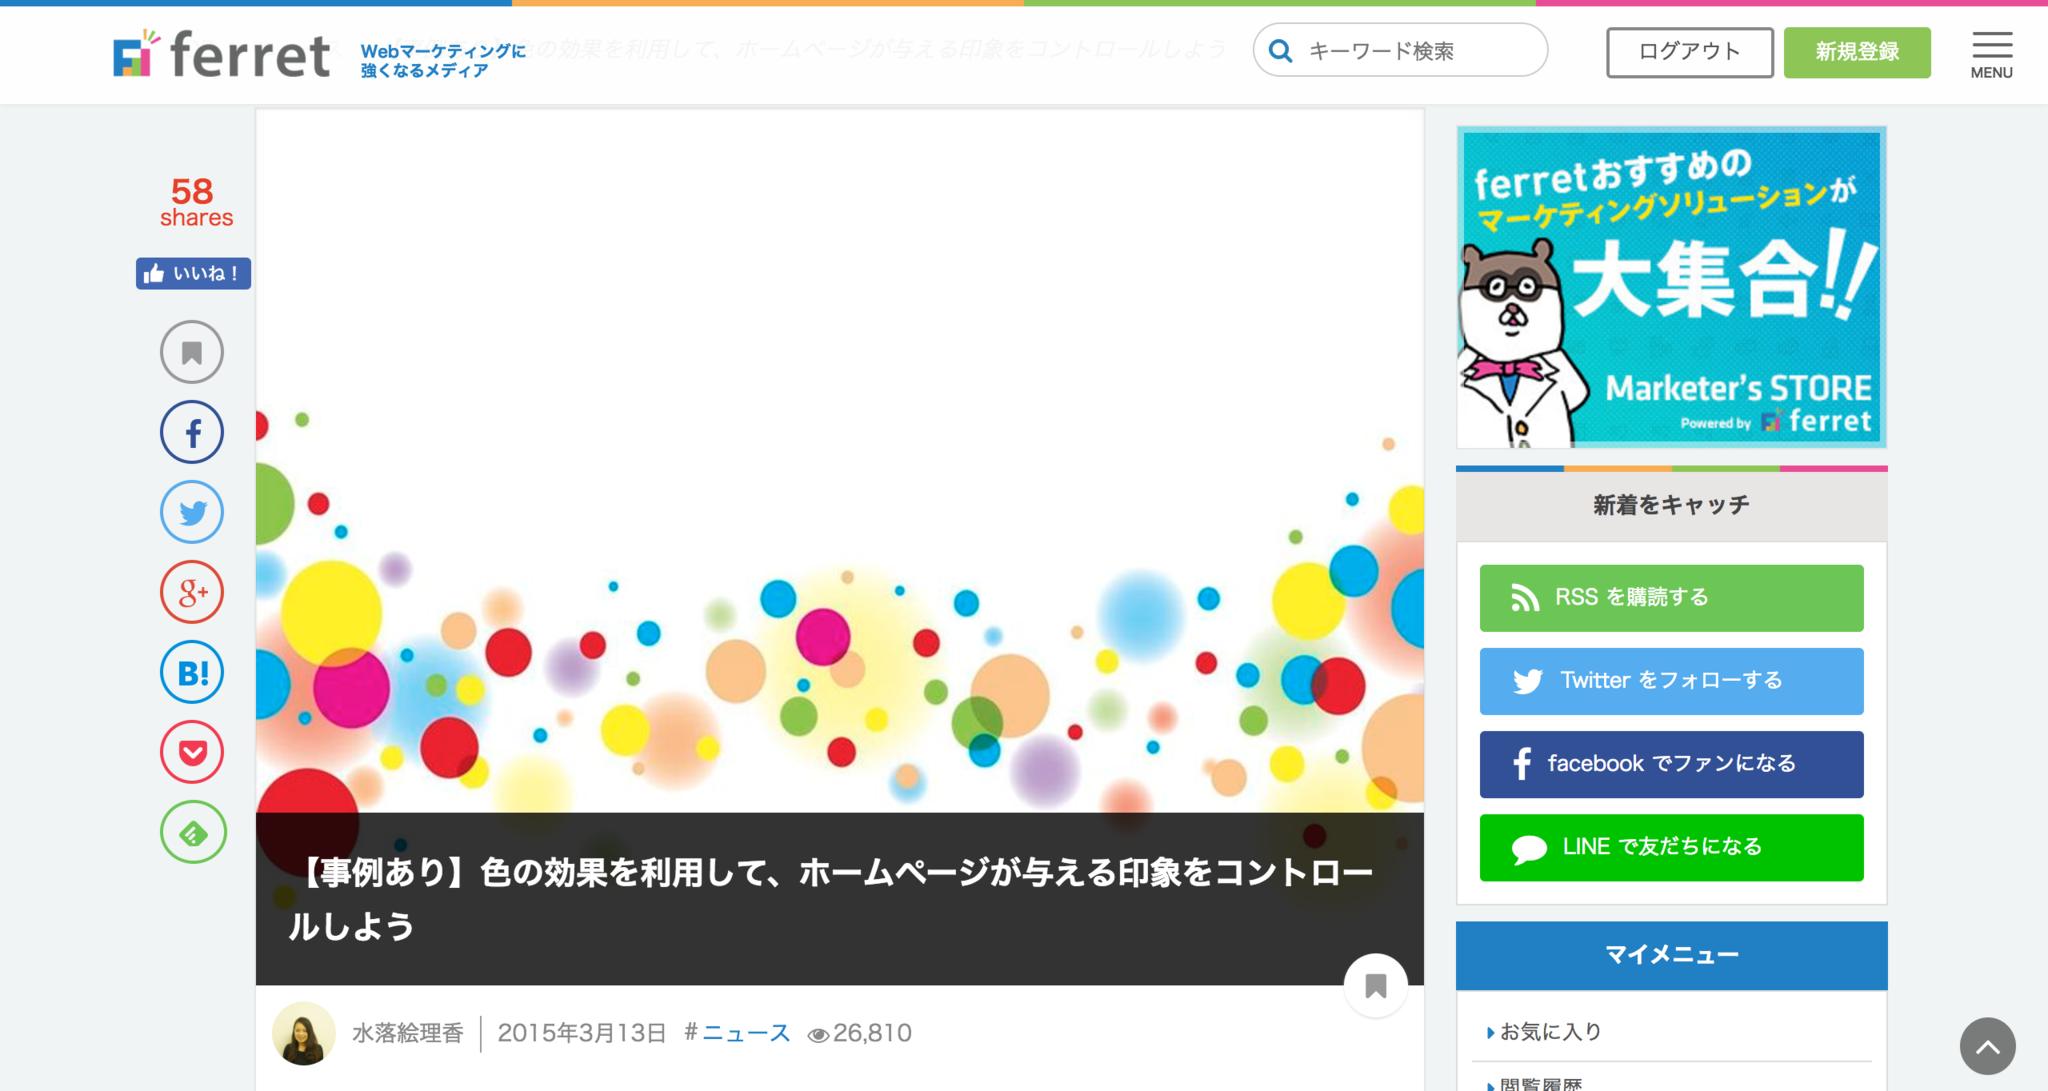 【事例あり】色の効果を利用して、ホームページが与える印象をコントロールしよう|ferret__フェレット_.png